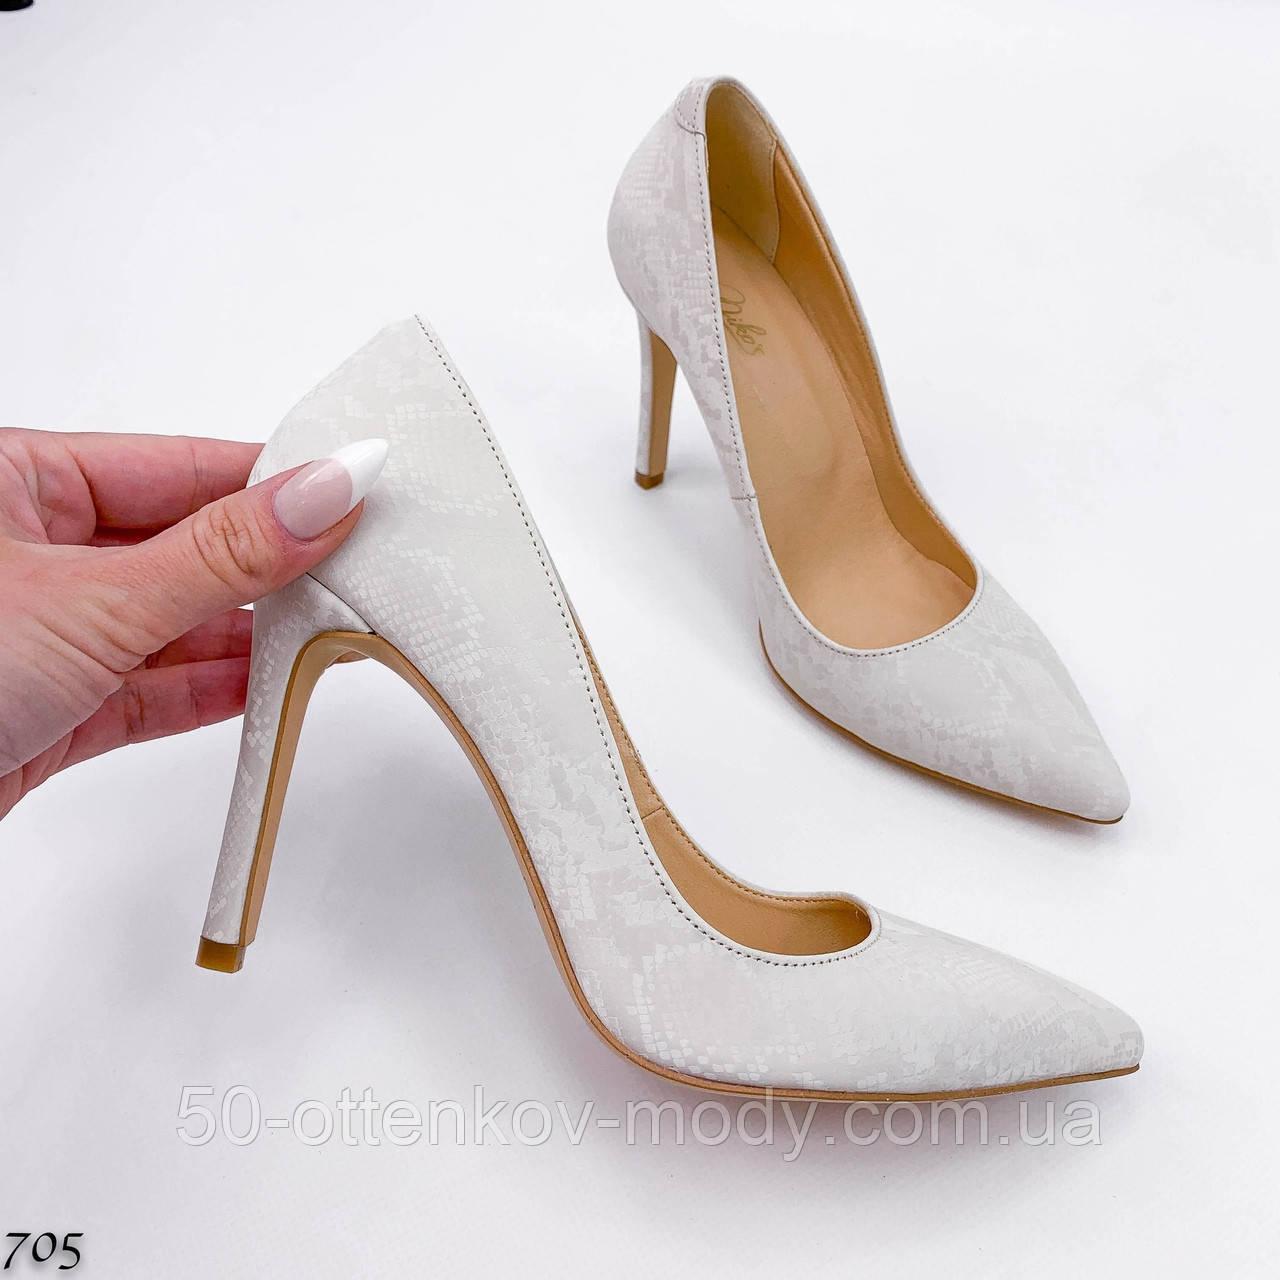 Женские туфли лодочки белые из натуральной кожи